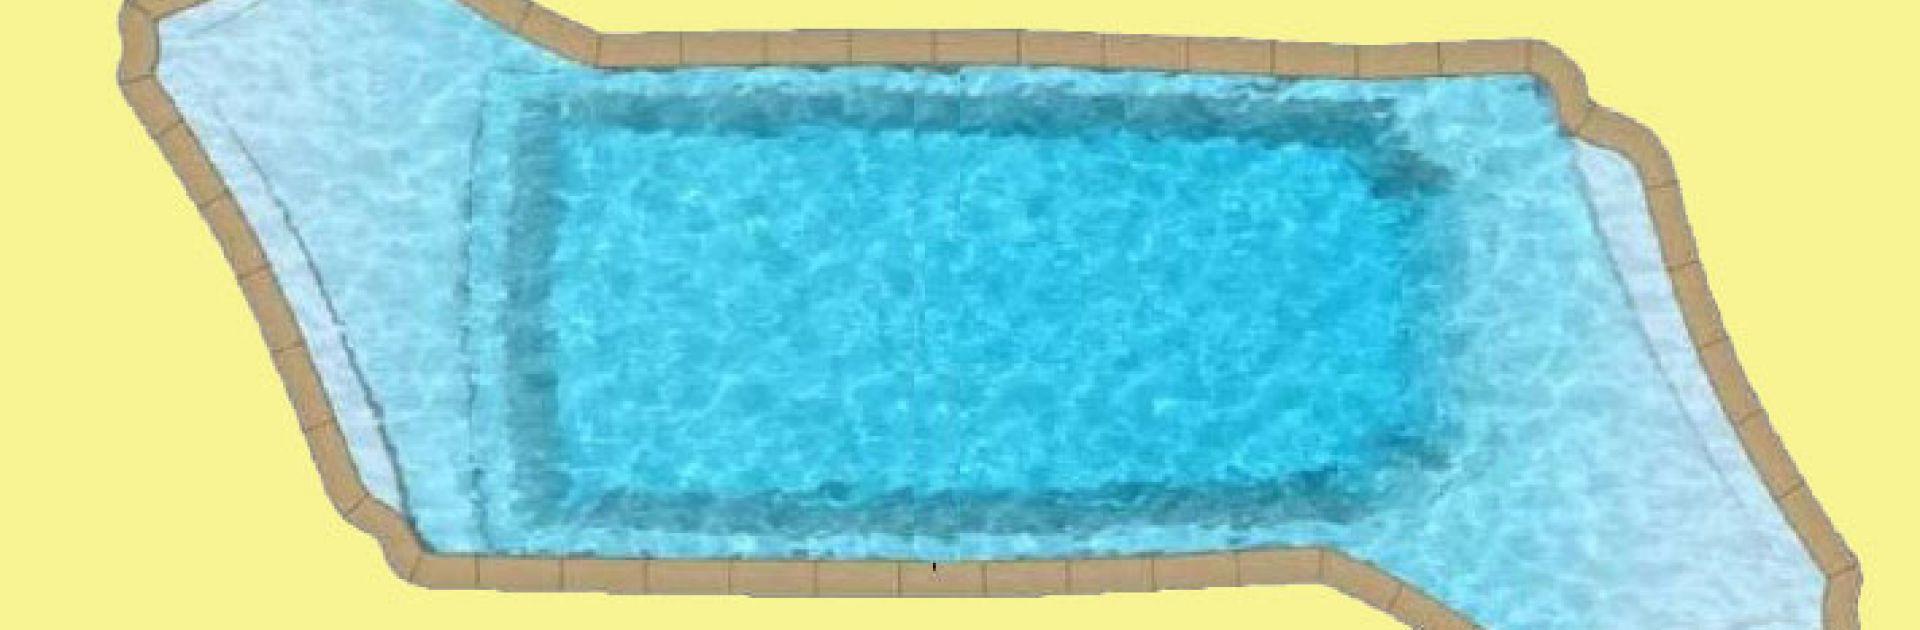 Overdekt indoor pool zwembad piscine Dordogne